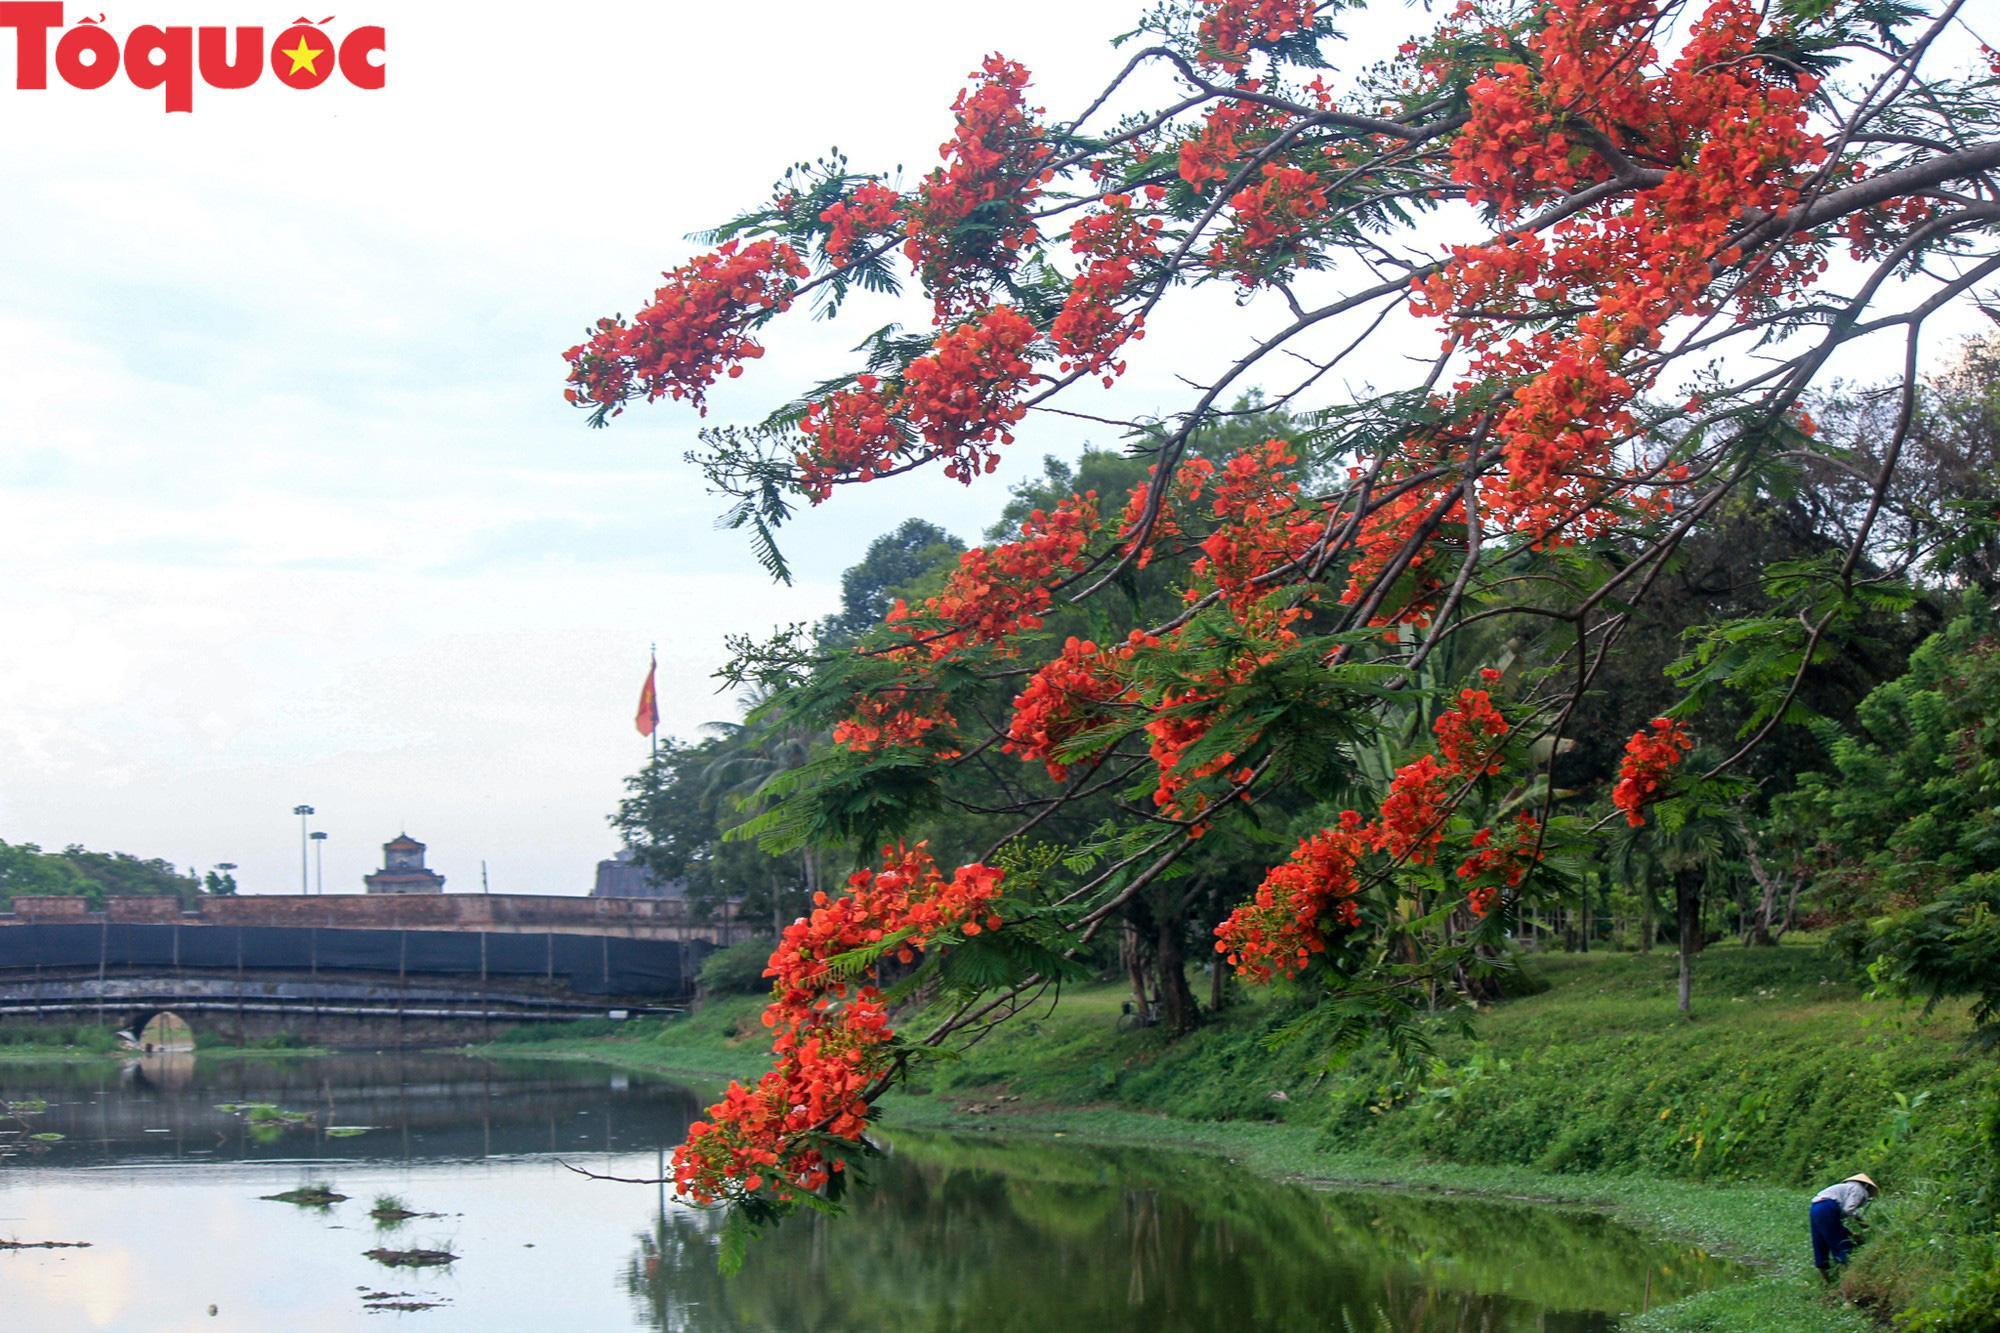 Đất trời xứ Huế đẹp rực rỡ trong mùa phượng vĩ nở hoa Ảnh 11